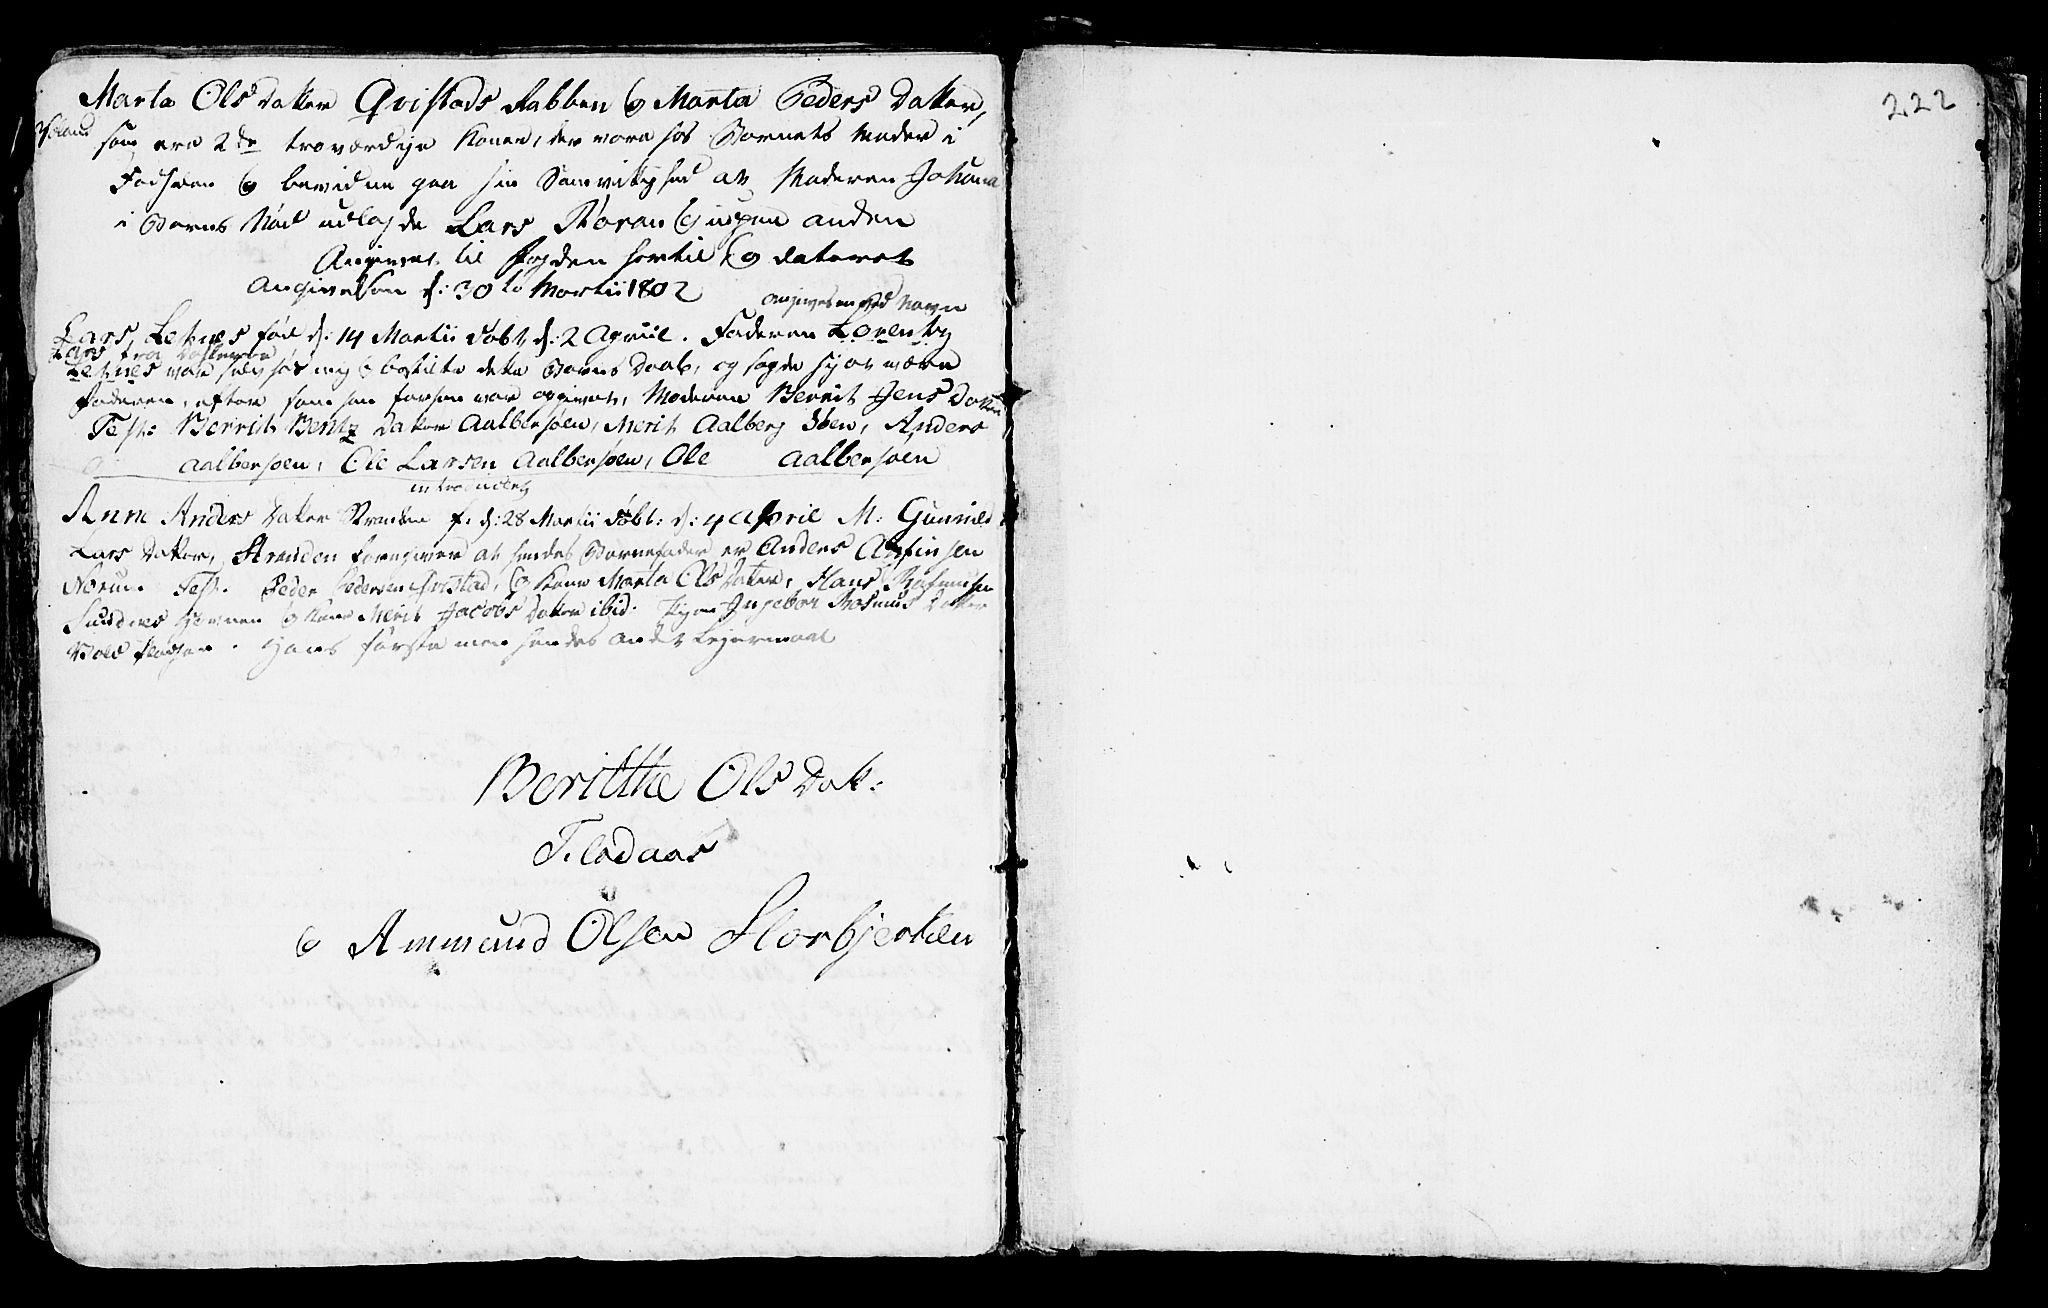 SAT, Ministerialprotokoller, klokkerbøker og fødselsregistre - Nord-Trøndelag, 730/L0273: Ministerialbok nr. 730A02, 1762-1802, s. 222